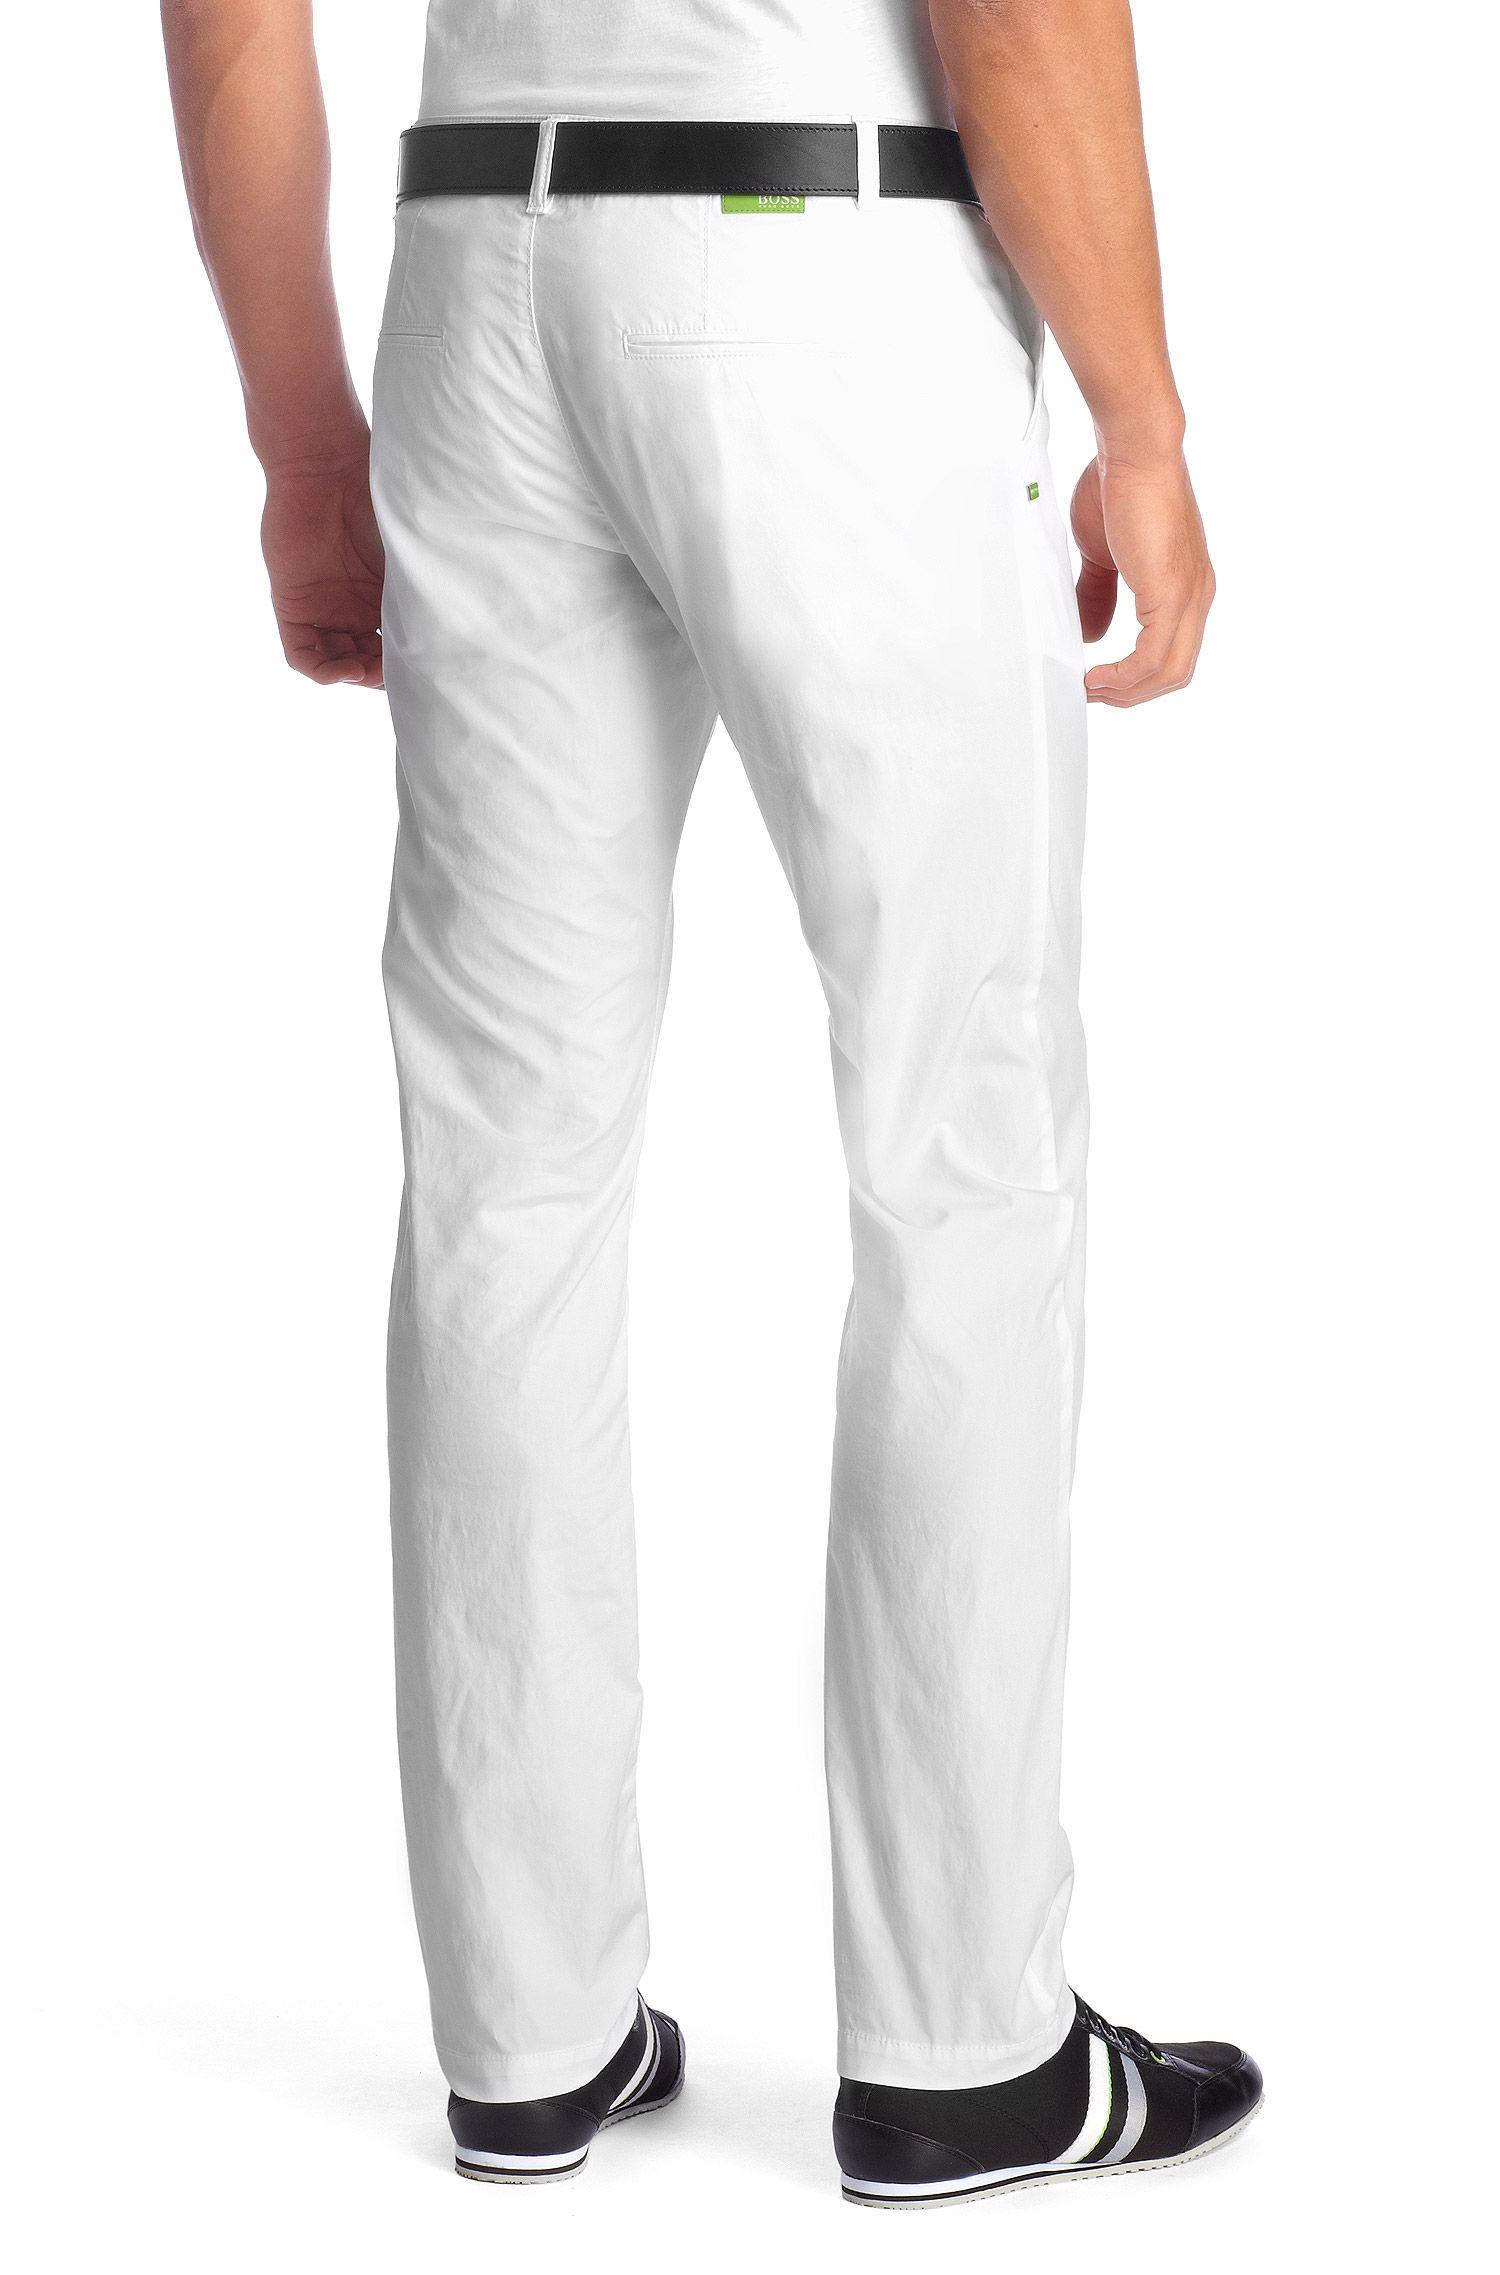 Pantalon détente uni Regular Fit, Delon-W